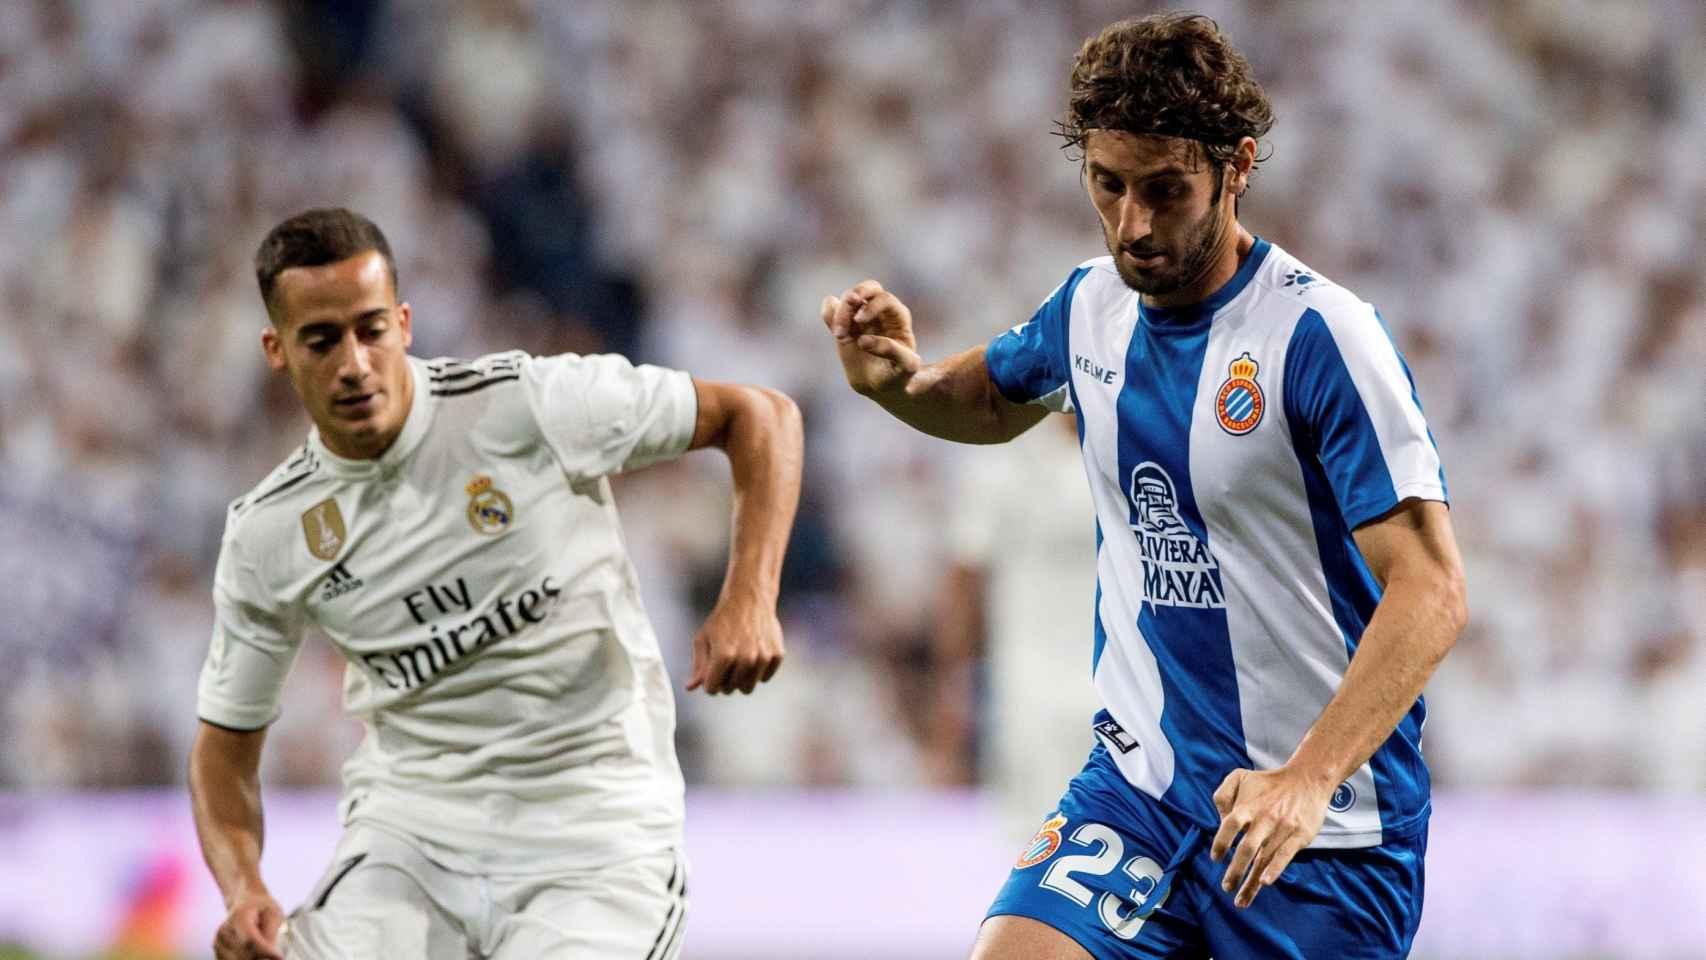 Lucas Vázquez pelea un balón con Granero